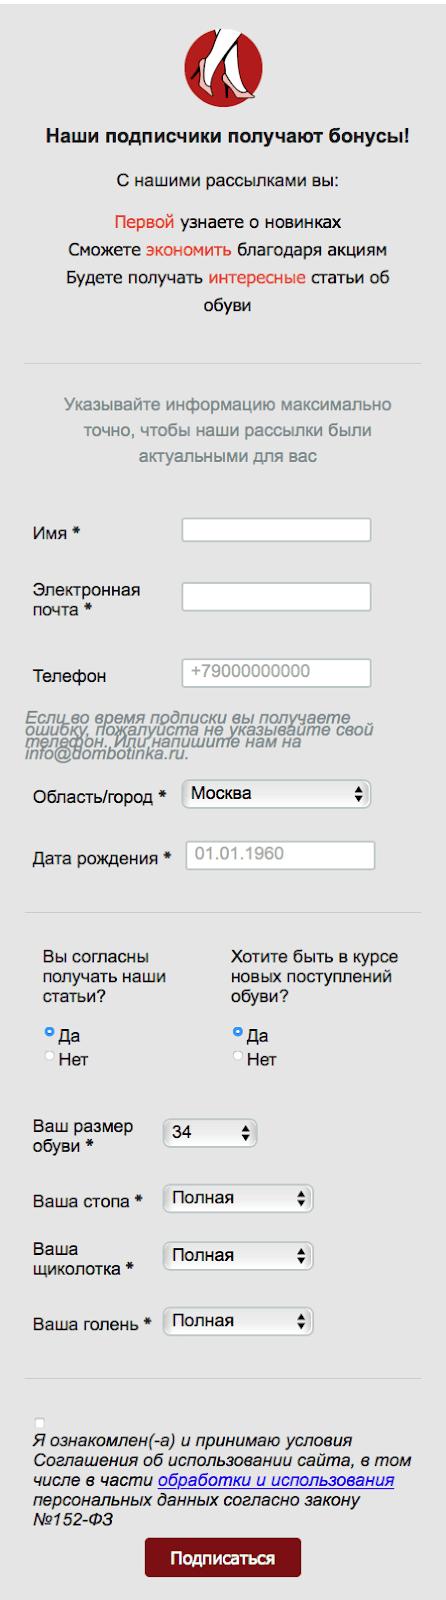 Новая форма подписки Dombotinka.ru